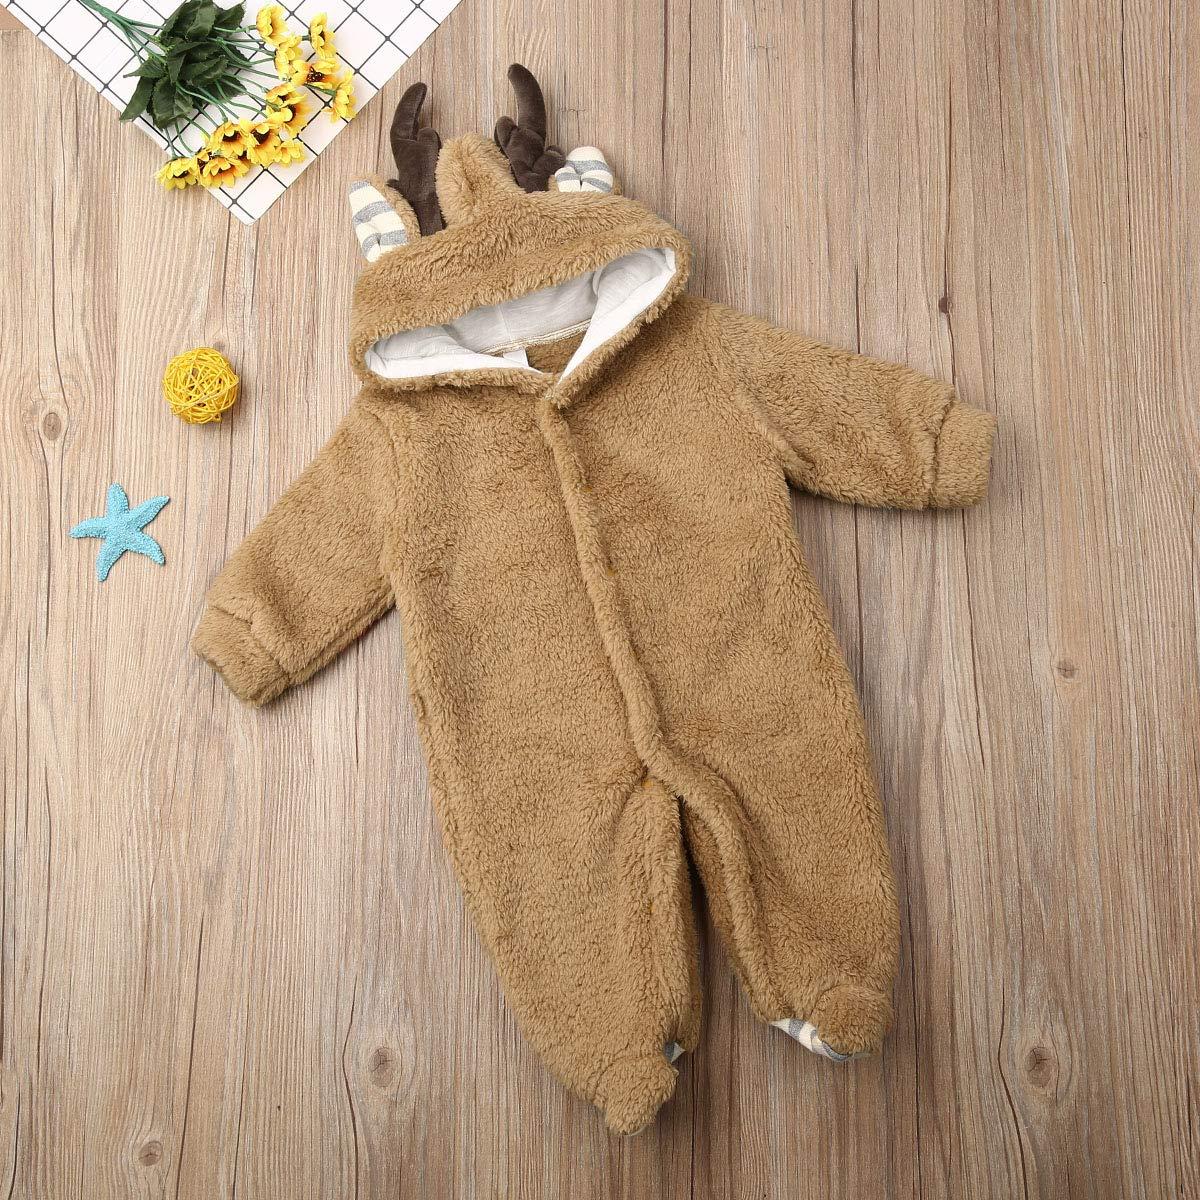 Ukrian Ropa de Navidad para beb/é ni/ña ni/ño Traje de Nieve Abrigos Cuernos Body Invierno c/álido Forro Polar con Capucha Mono Trajes